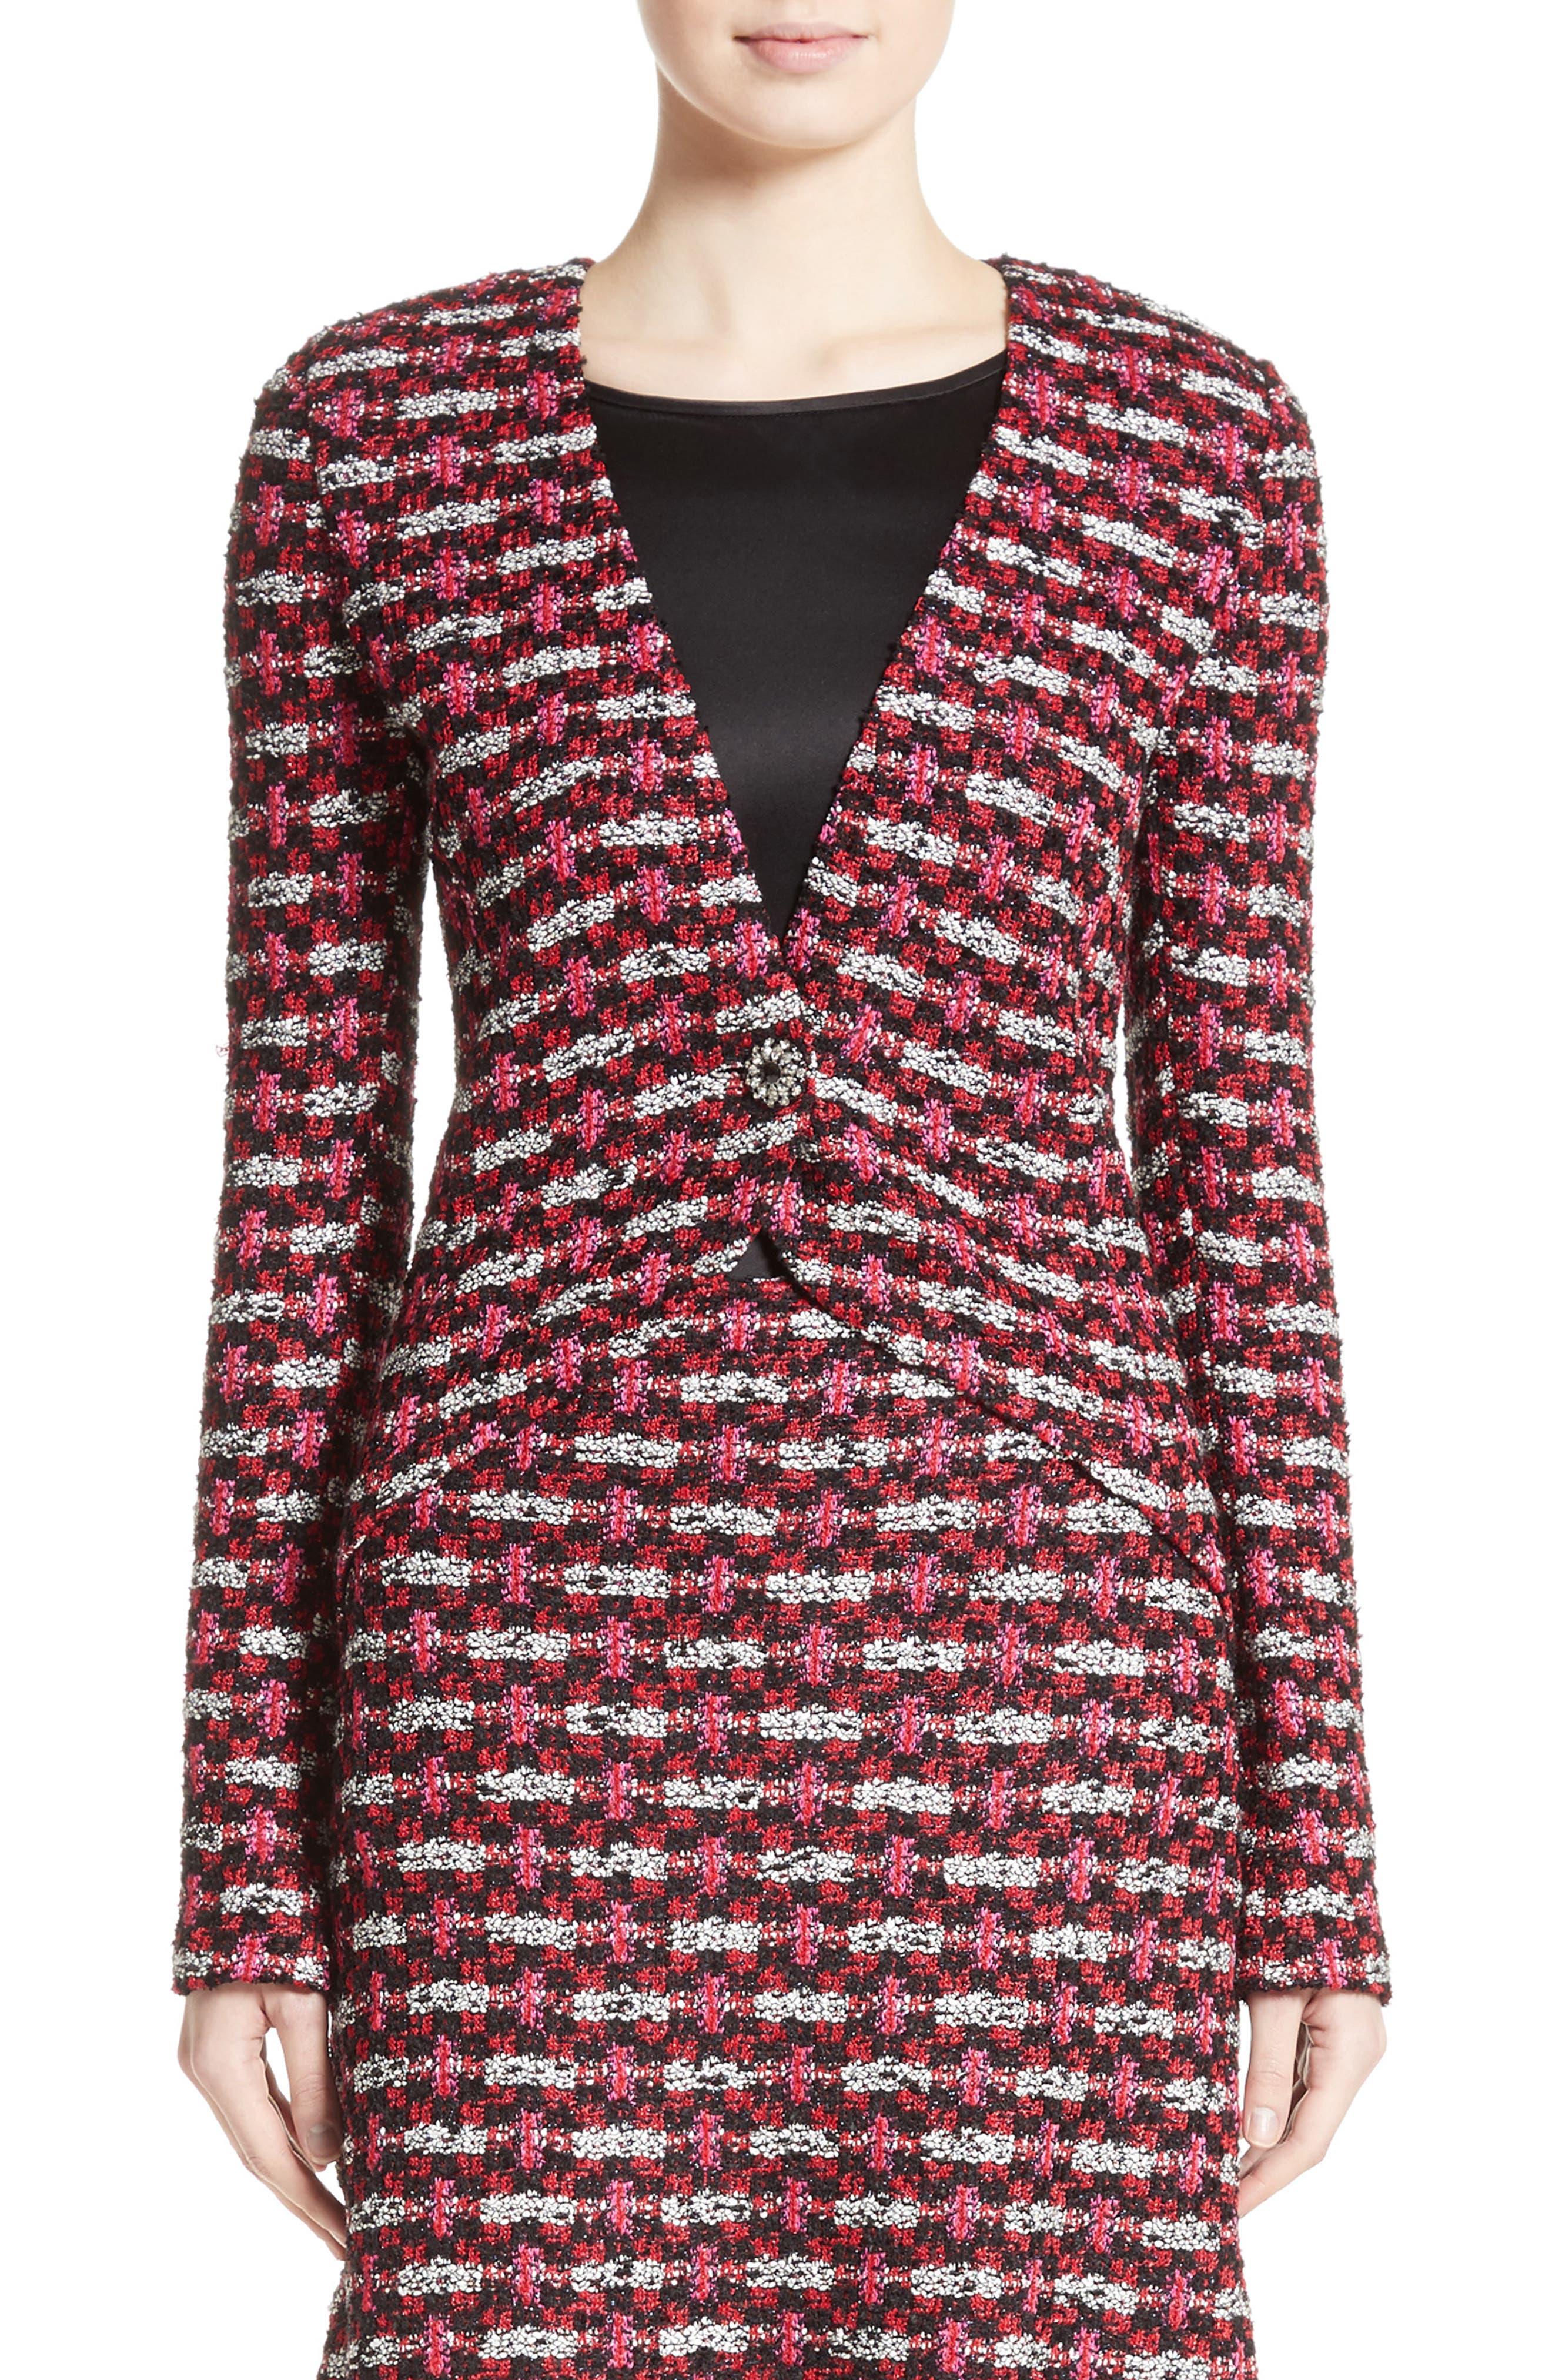 Main Image - St. John Collection Hiran Tweed Knit Jacket